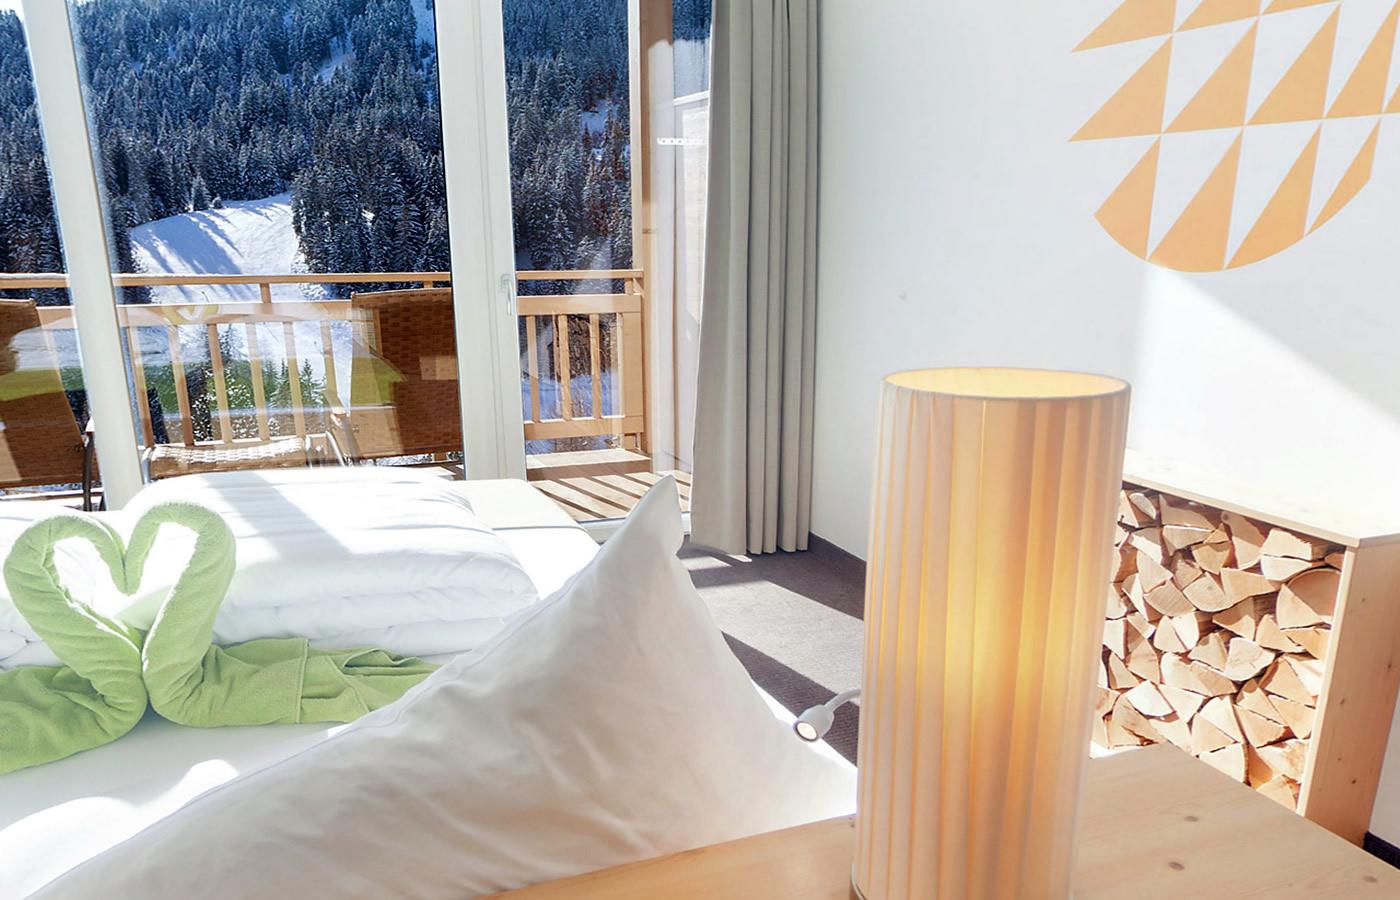 Hotel Panoramabett im Natürlich. Hotel mit Charakter in Fiss, Tirol.